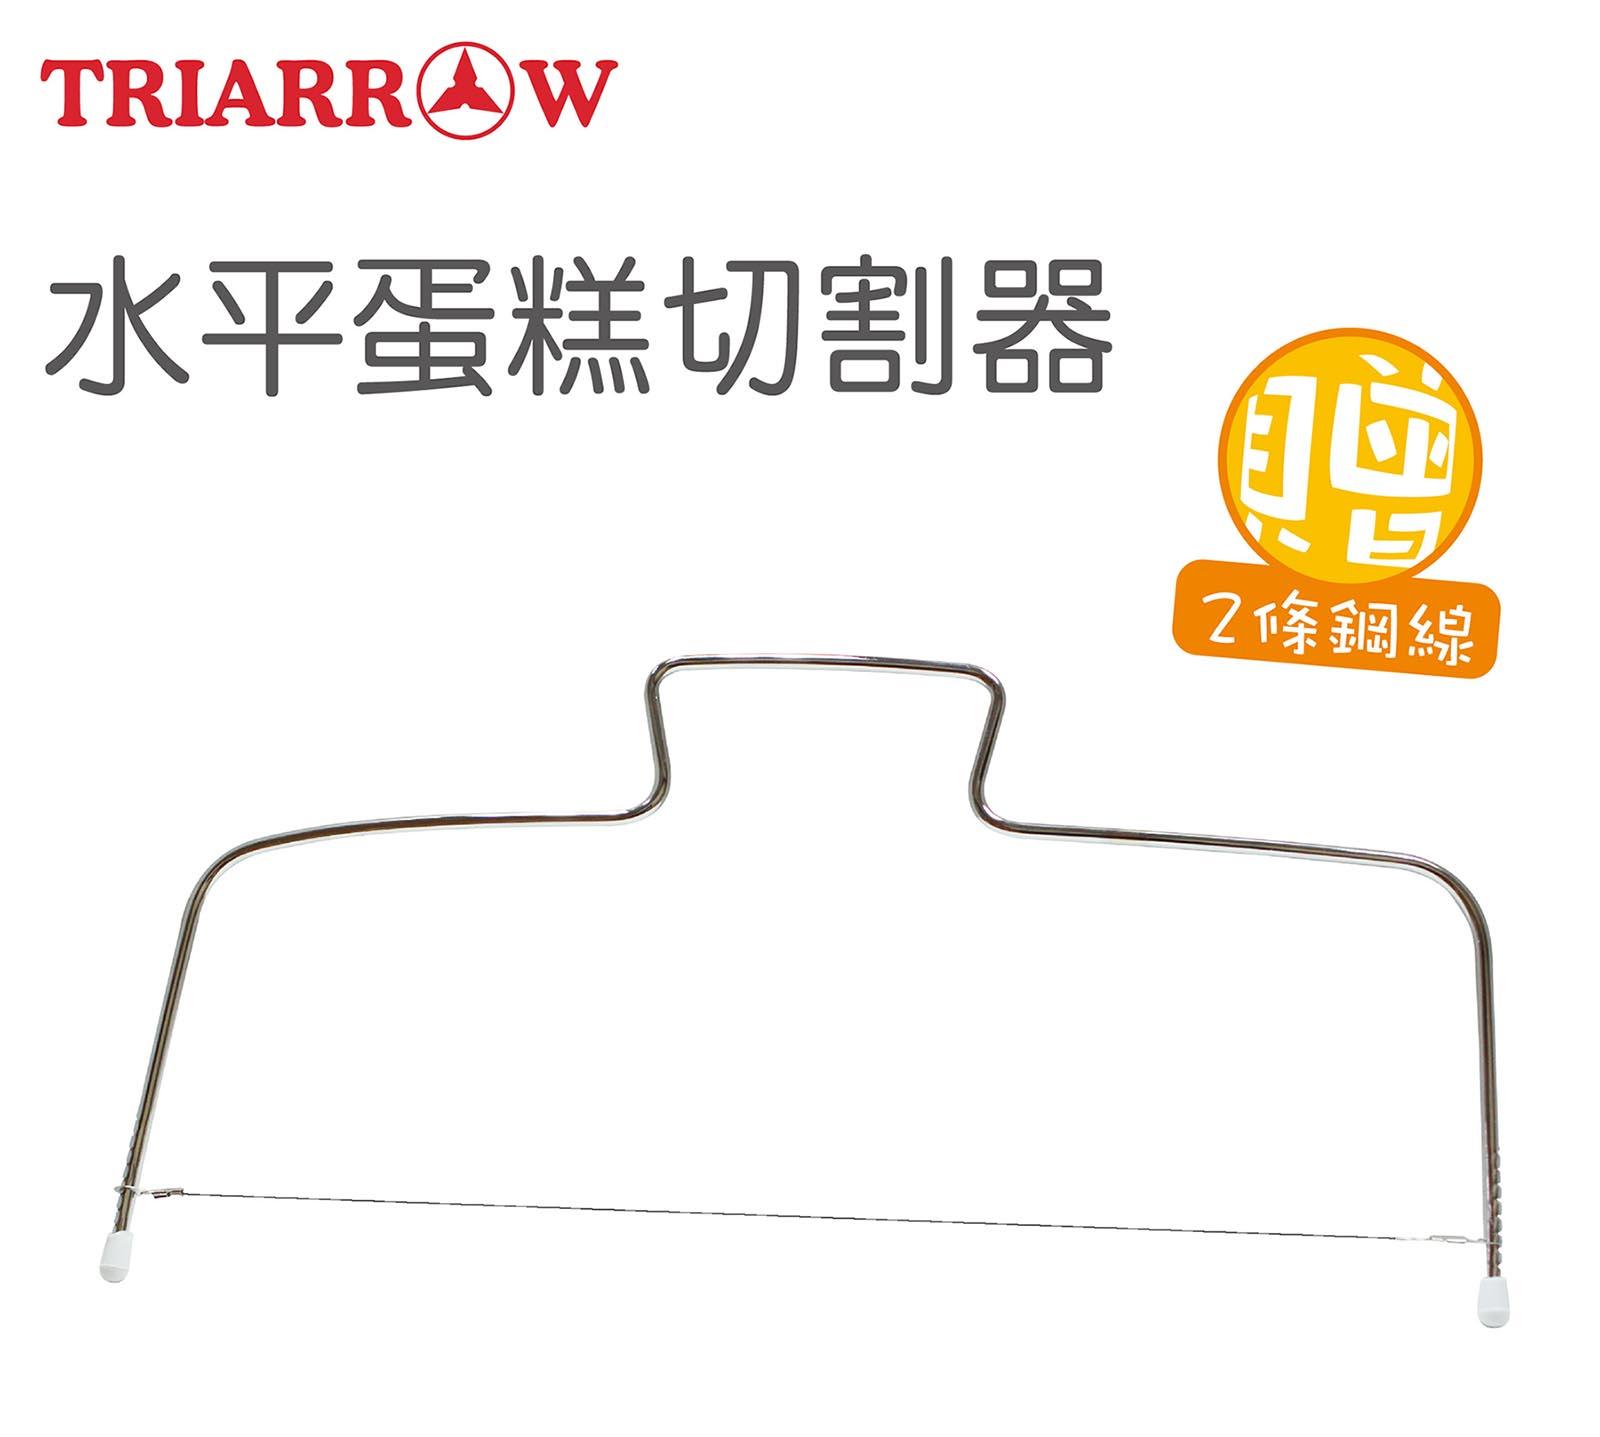 【三箭牌】水平蛋糕切割器 K-3300